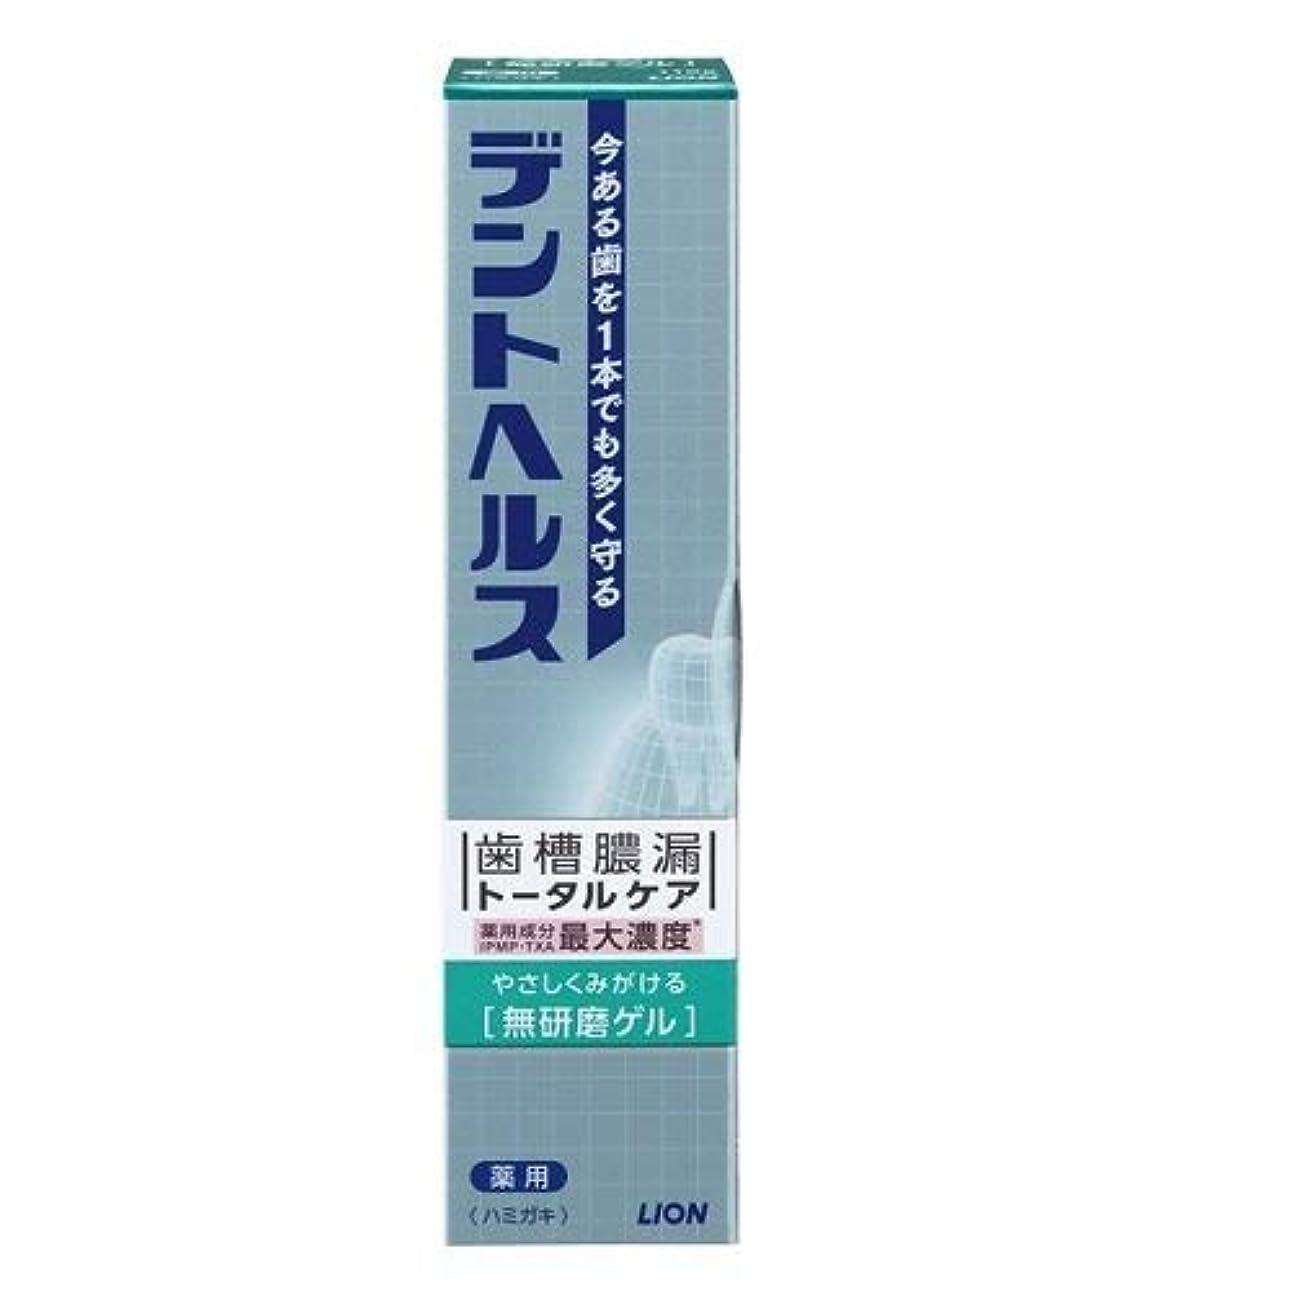 触覚流潜在的なライオン デントヘルス 薬用ハミガキ 無研磨ゲル 115g (医薬部外品)× 4